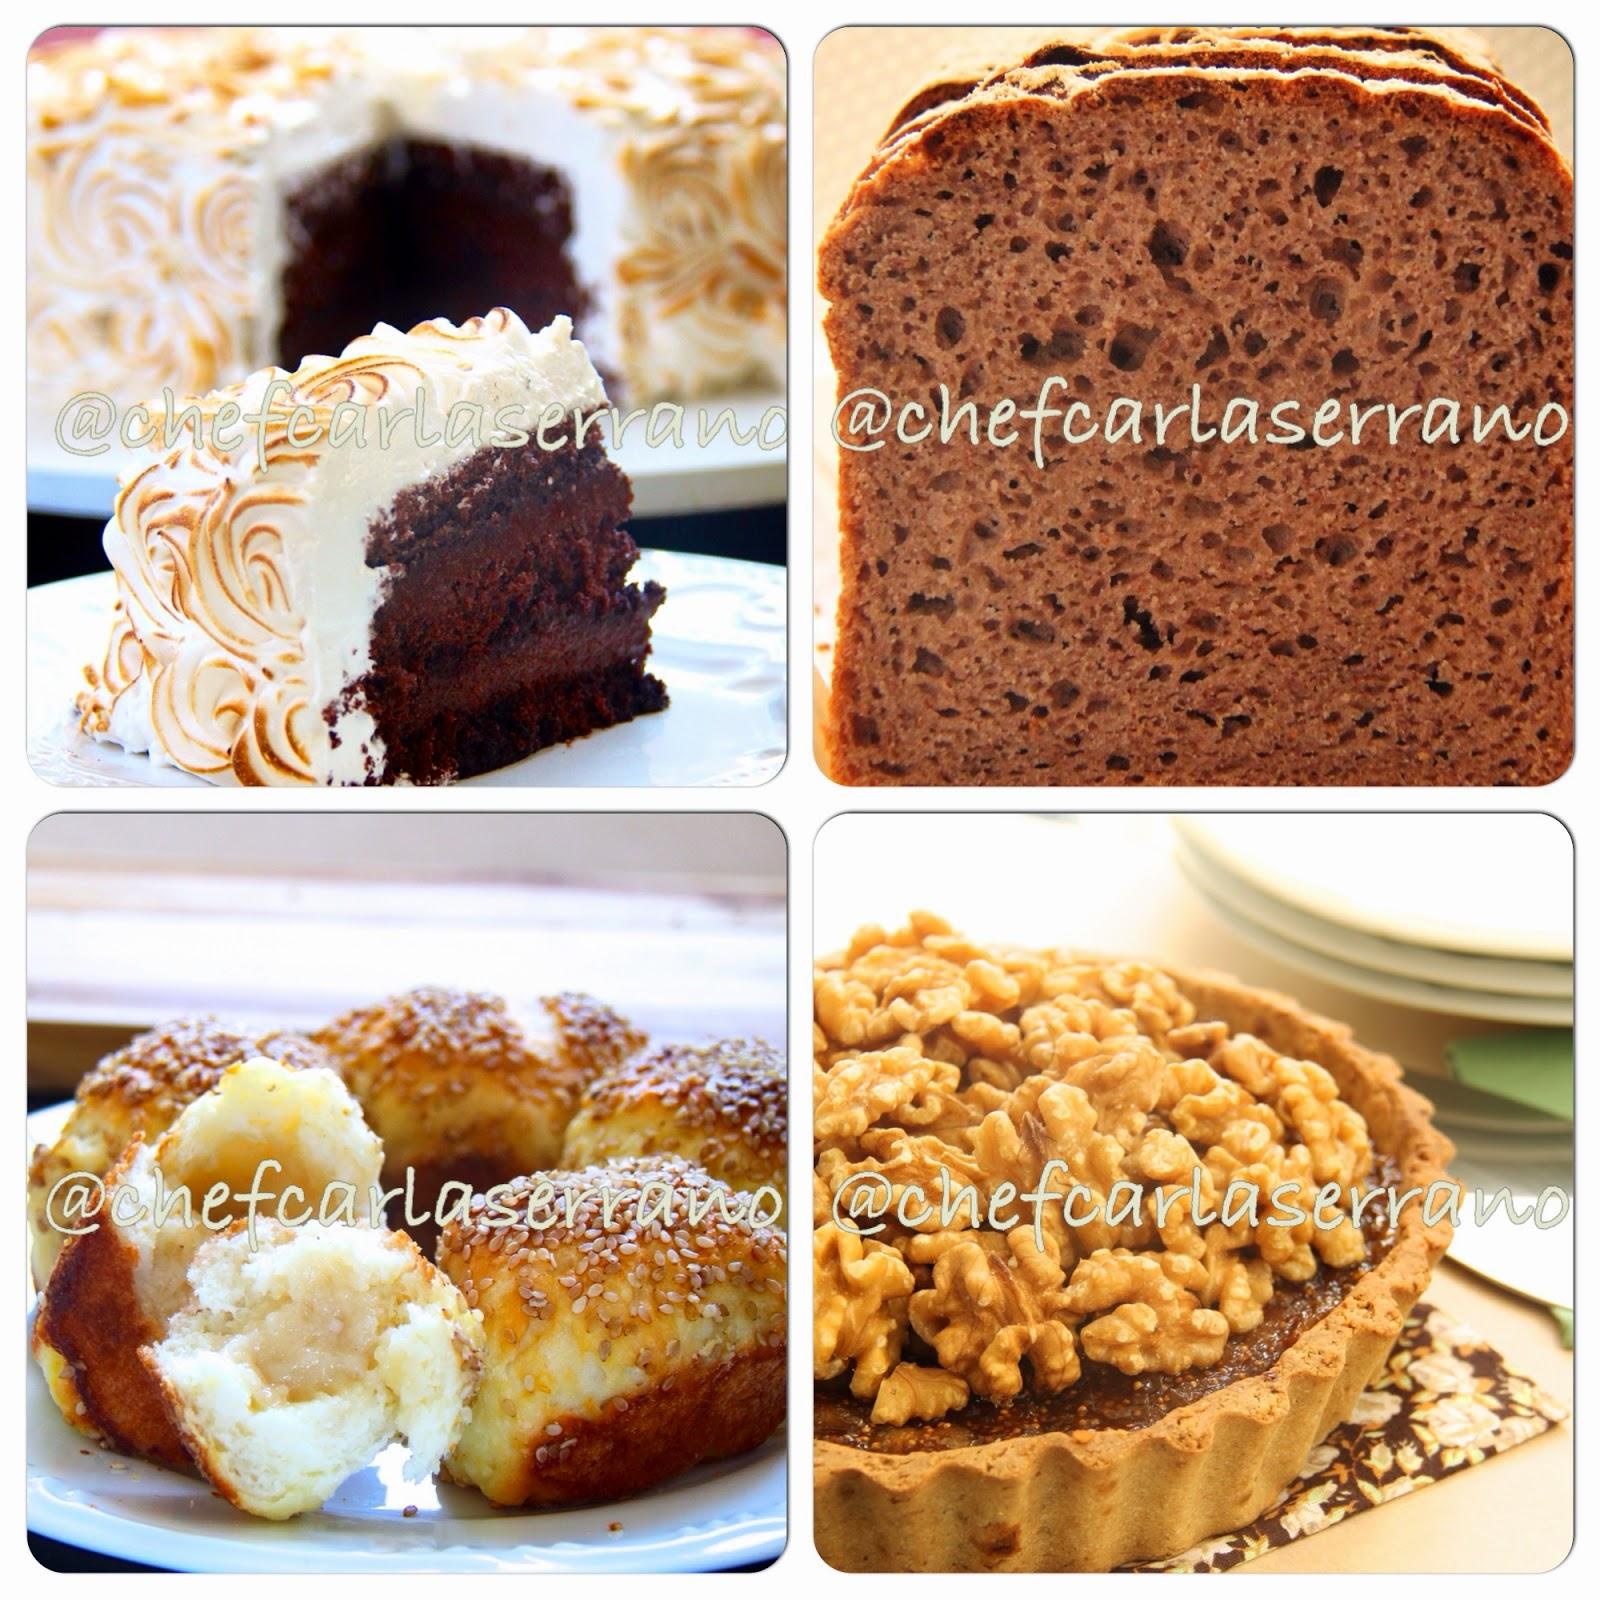 www.chefcarlaserrano.com